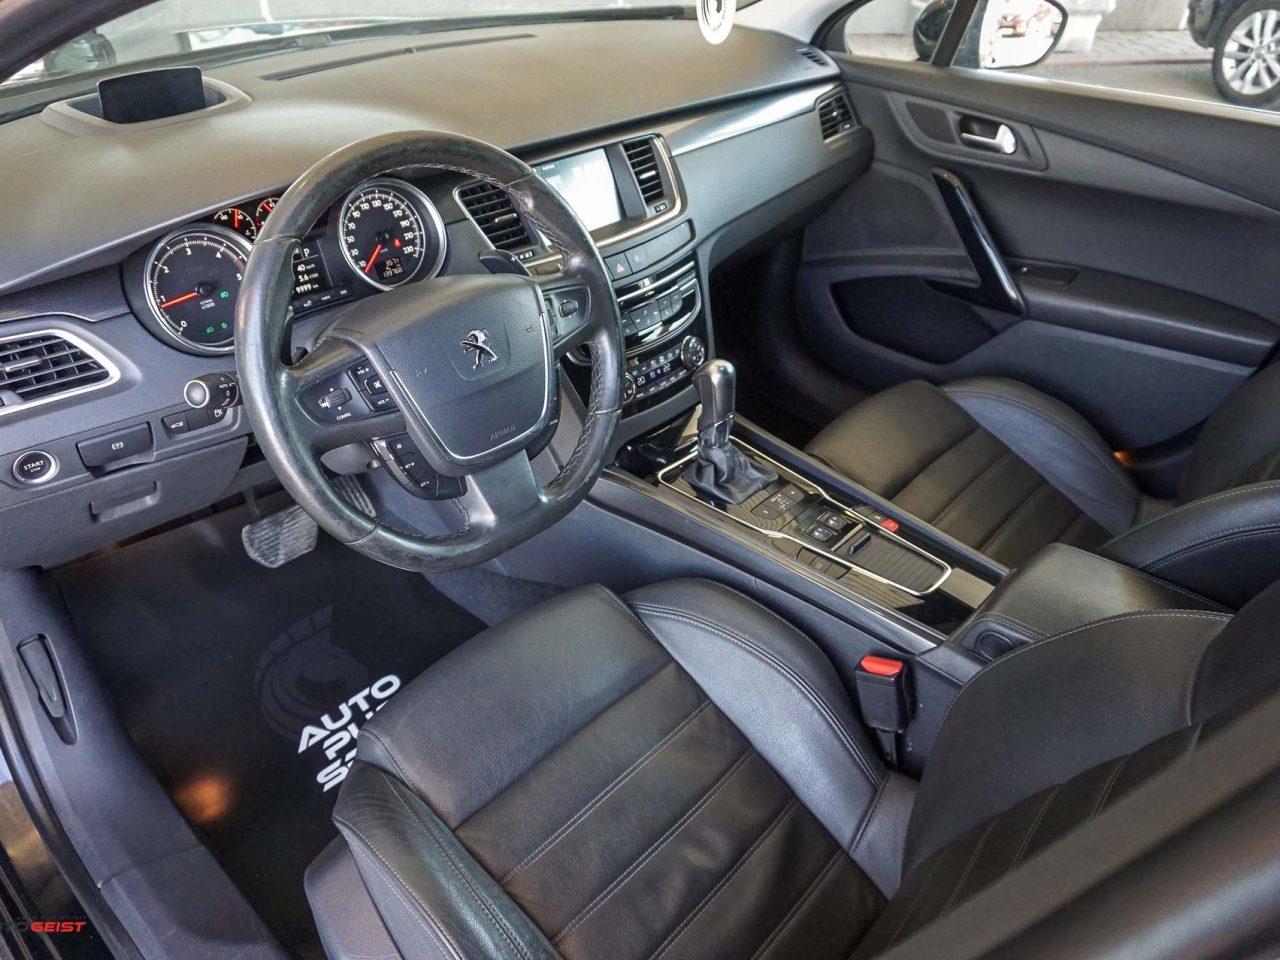 585-peugeot-508-sedan-negru-01742